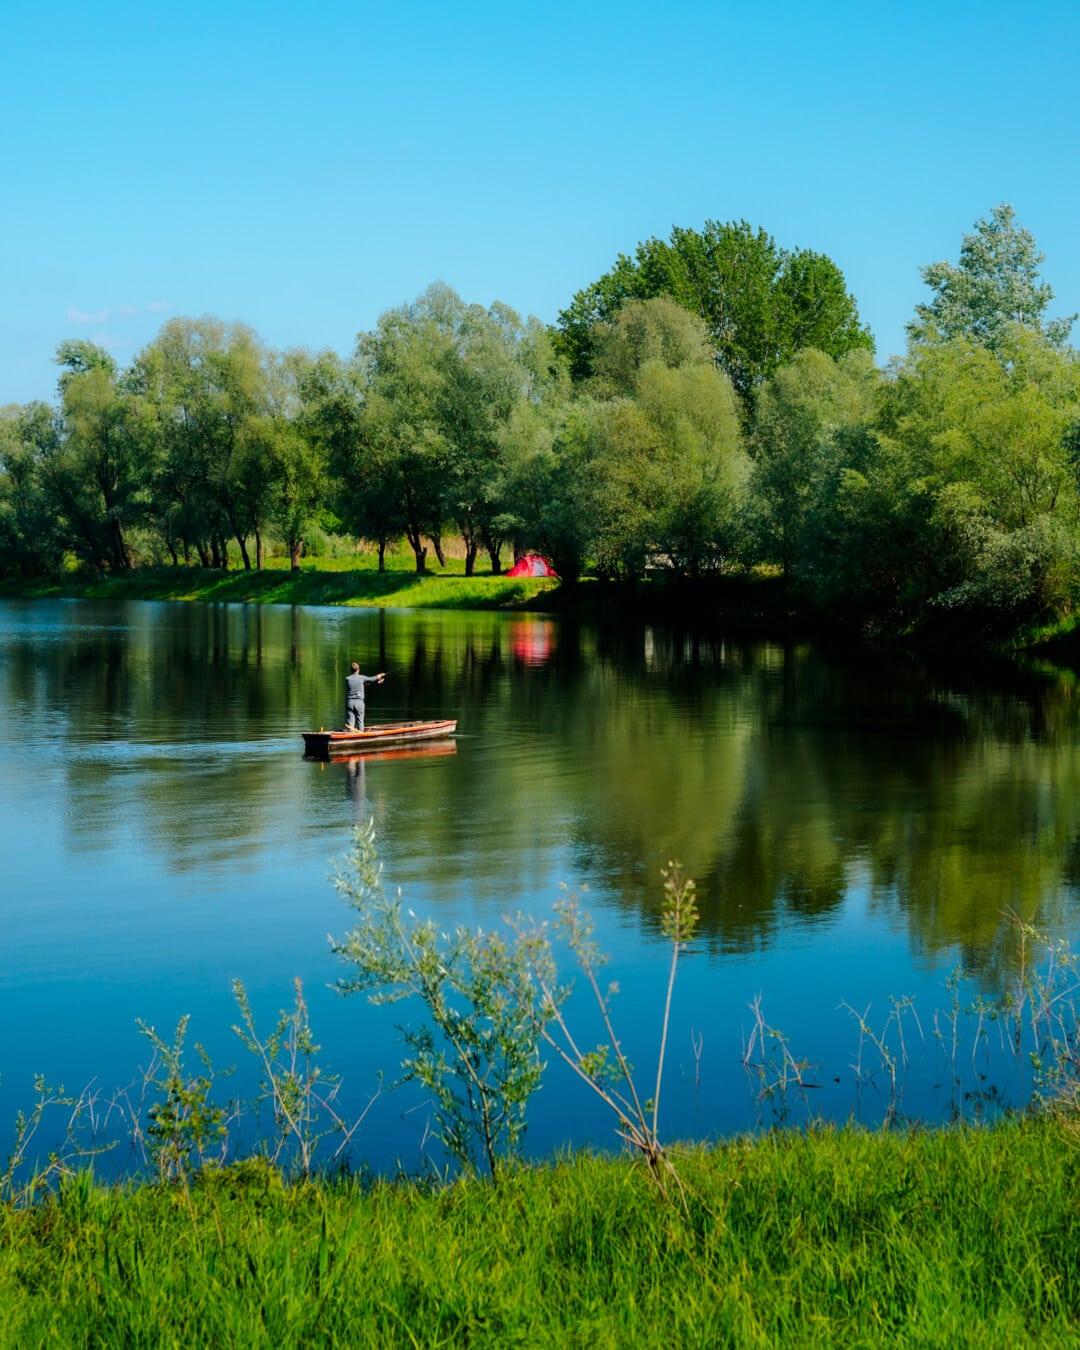 рибар, рибарска лодка, езеро, Риболов, национален парк, дърво, Шор, отражение, гора, пейзаж